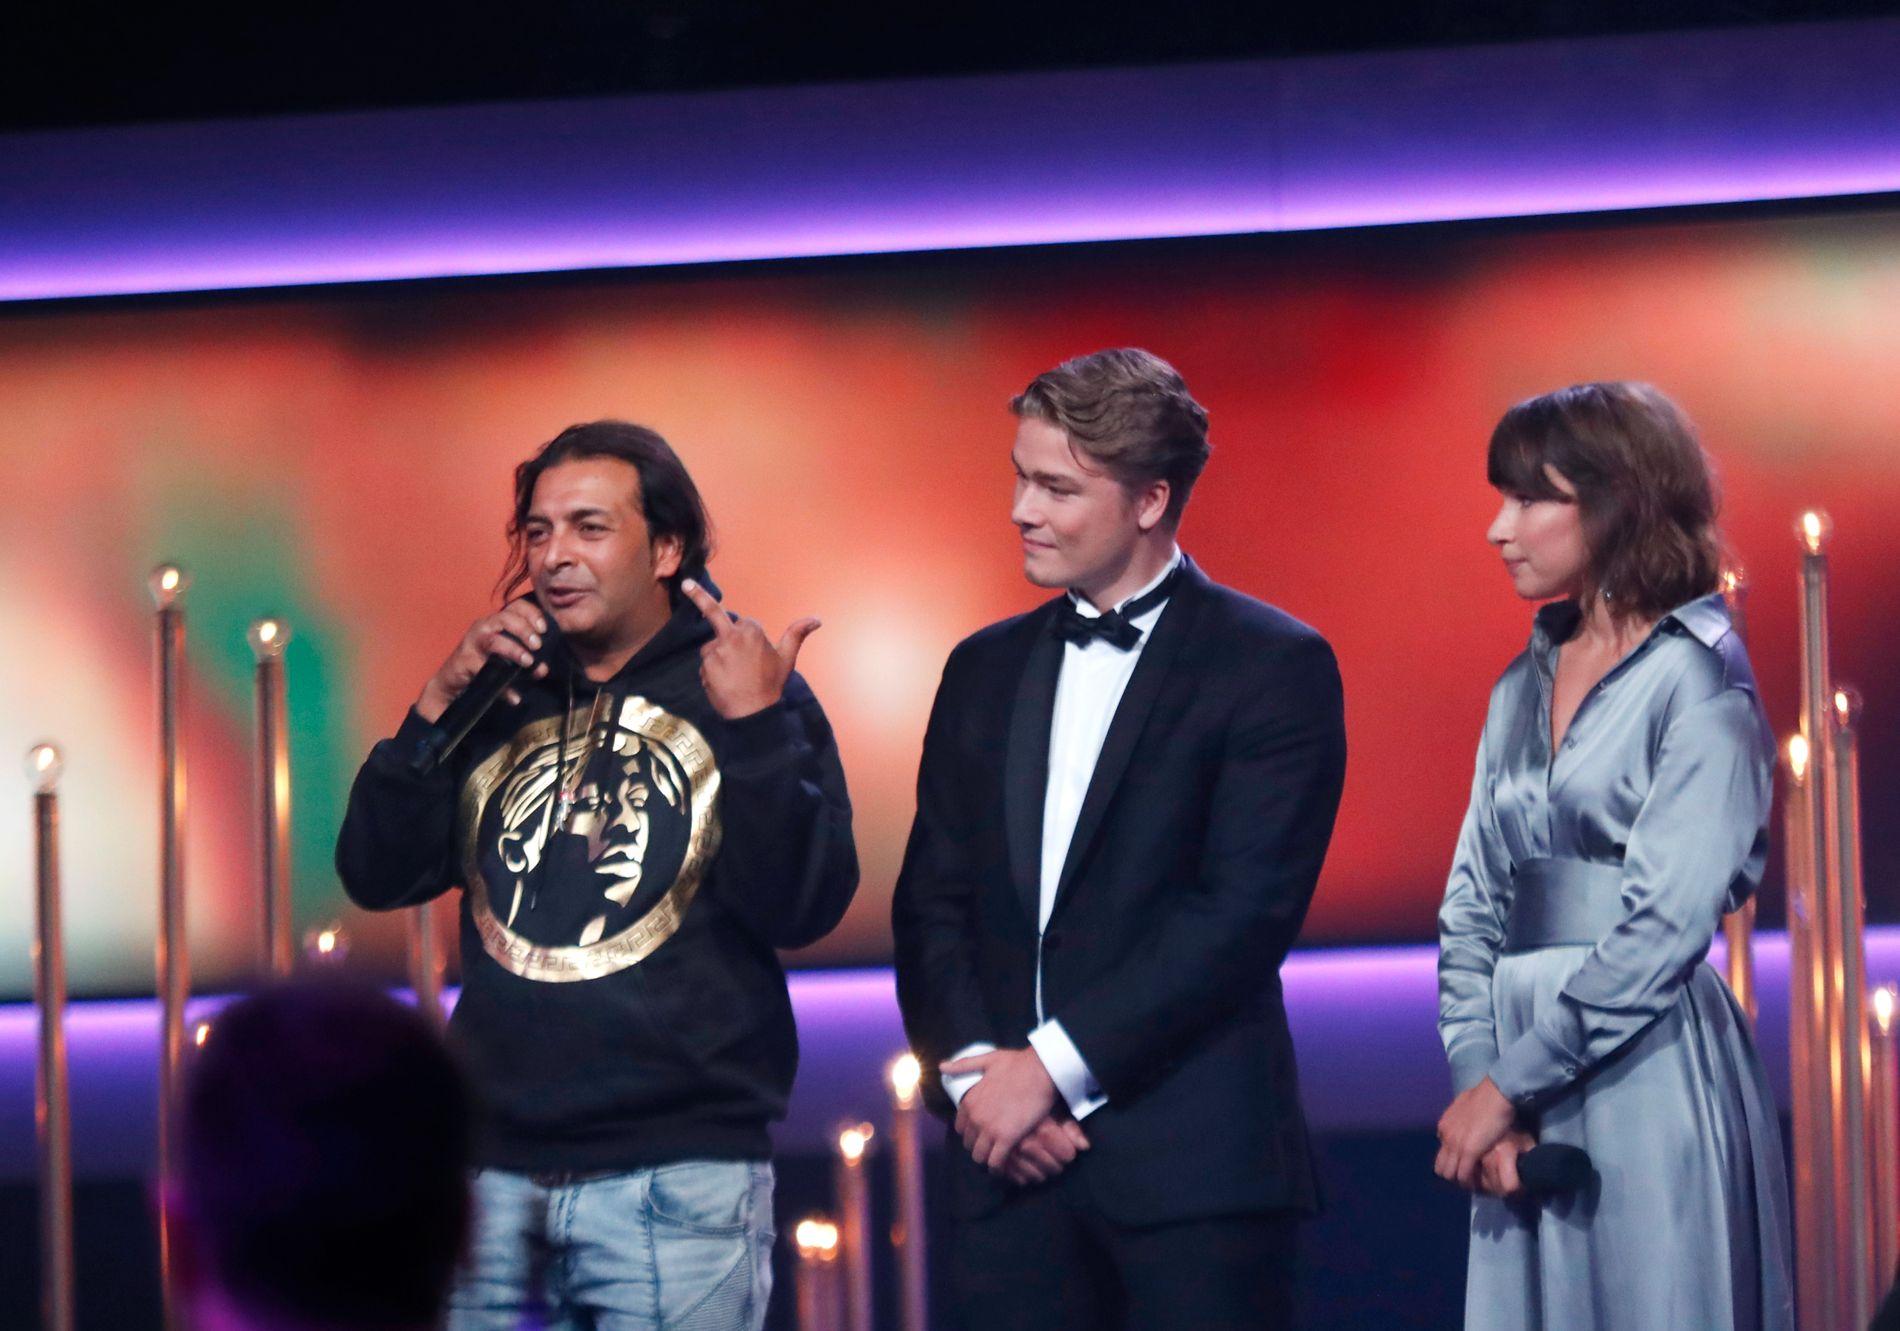 SKANDALE: Leon Bashir stormet scenen foran intetanende Jonas Oftebro og Kathrine Thorborg Johansen.